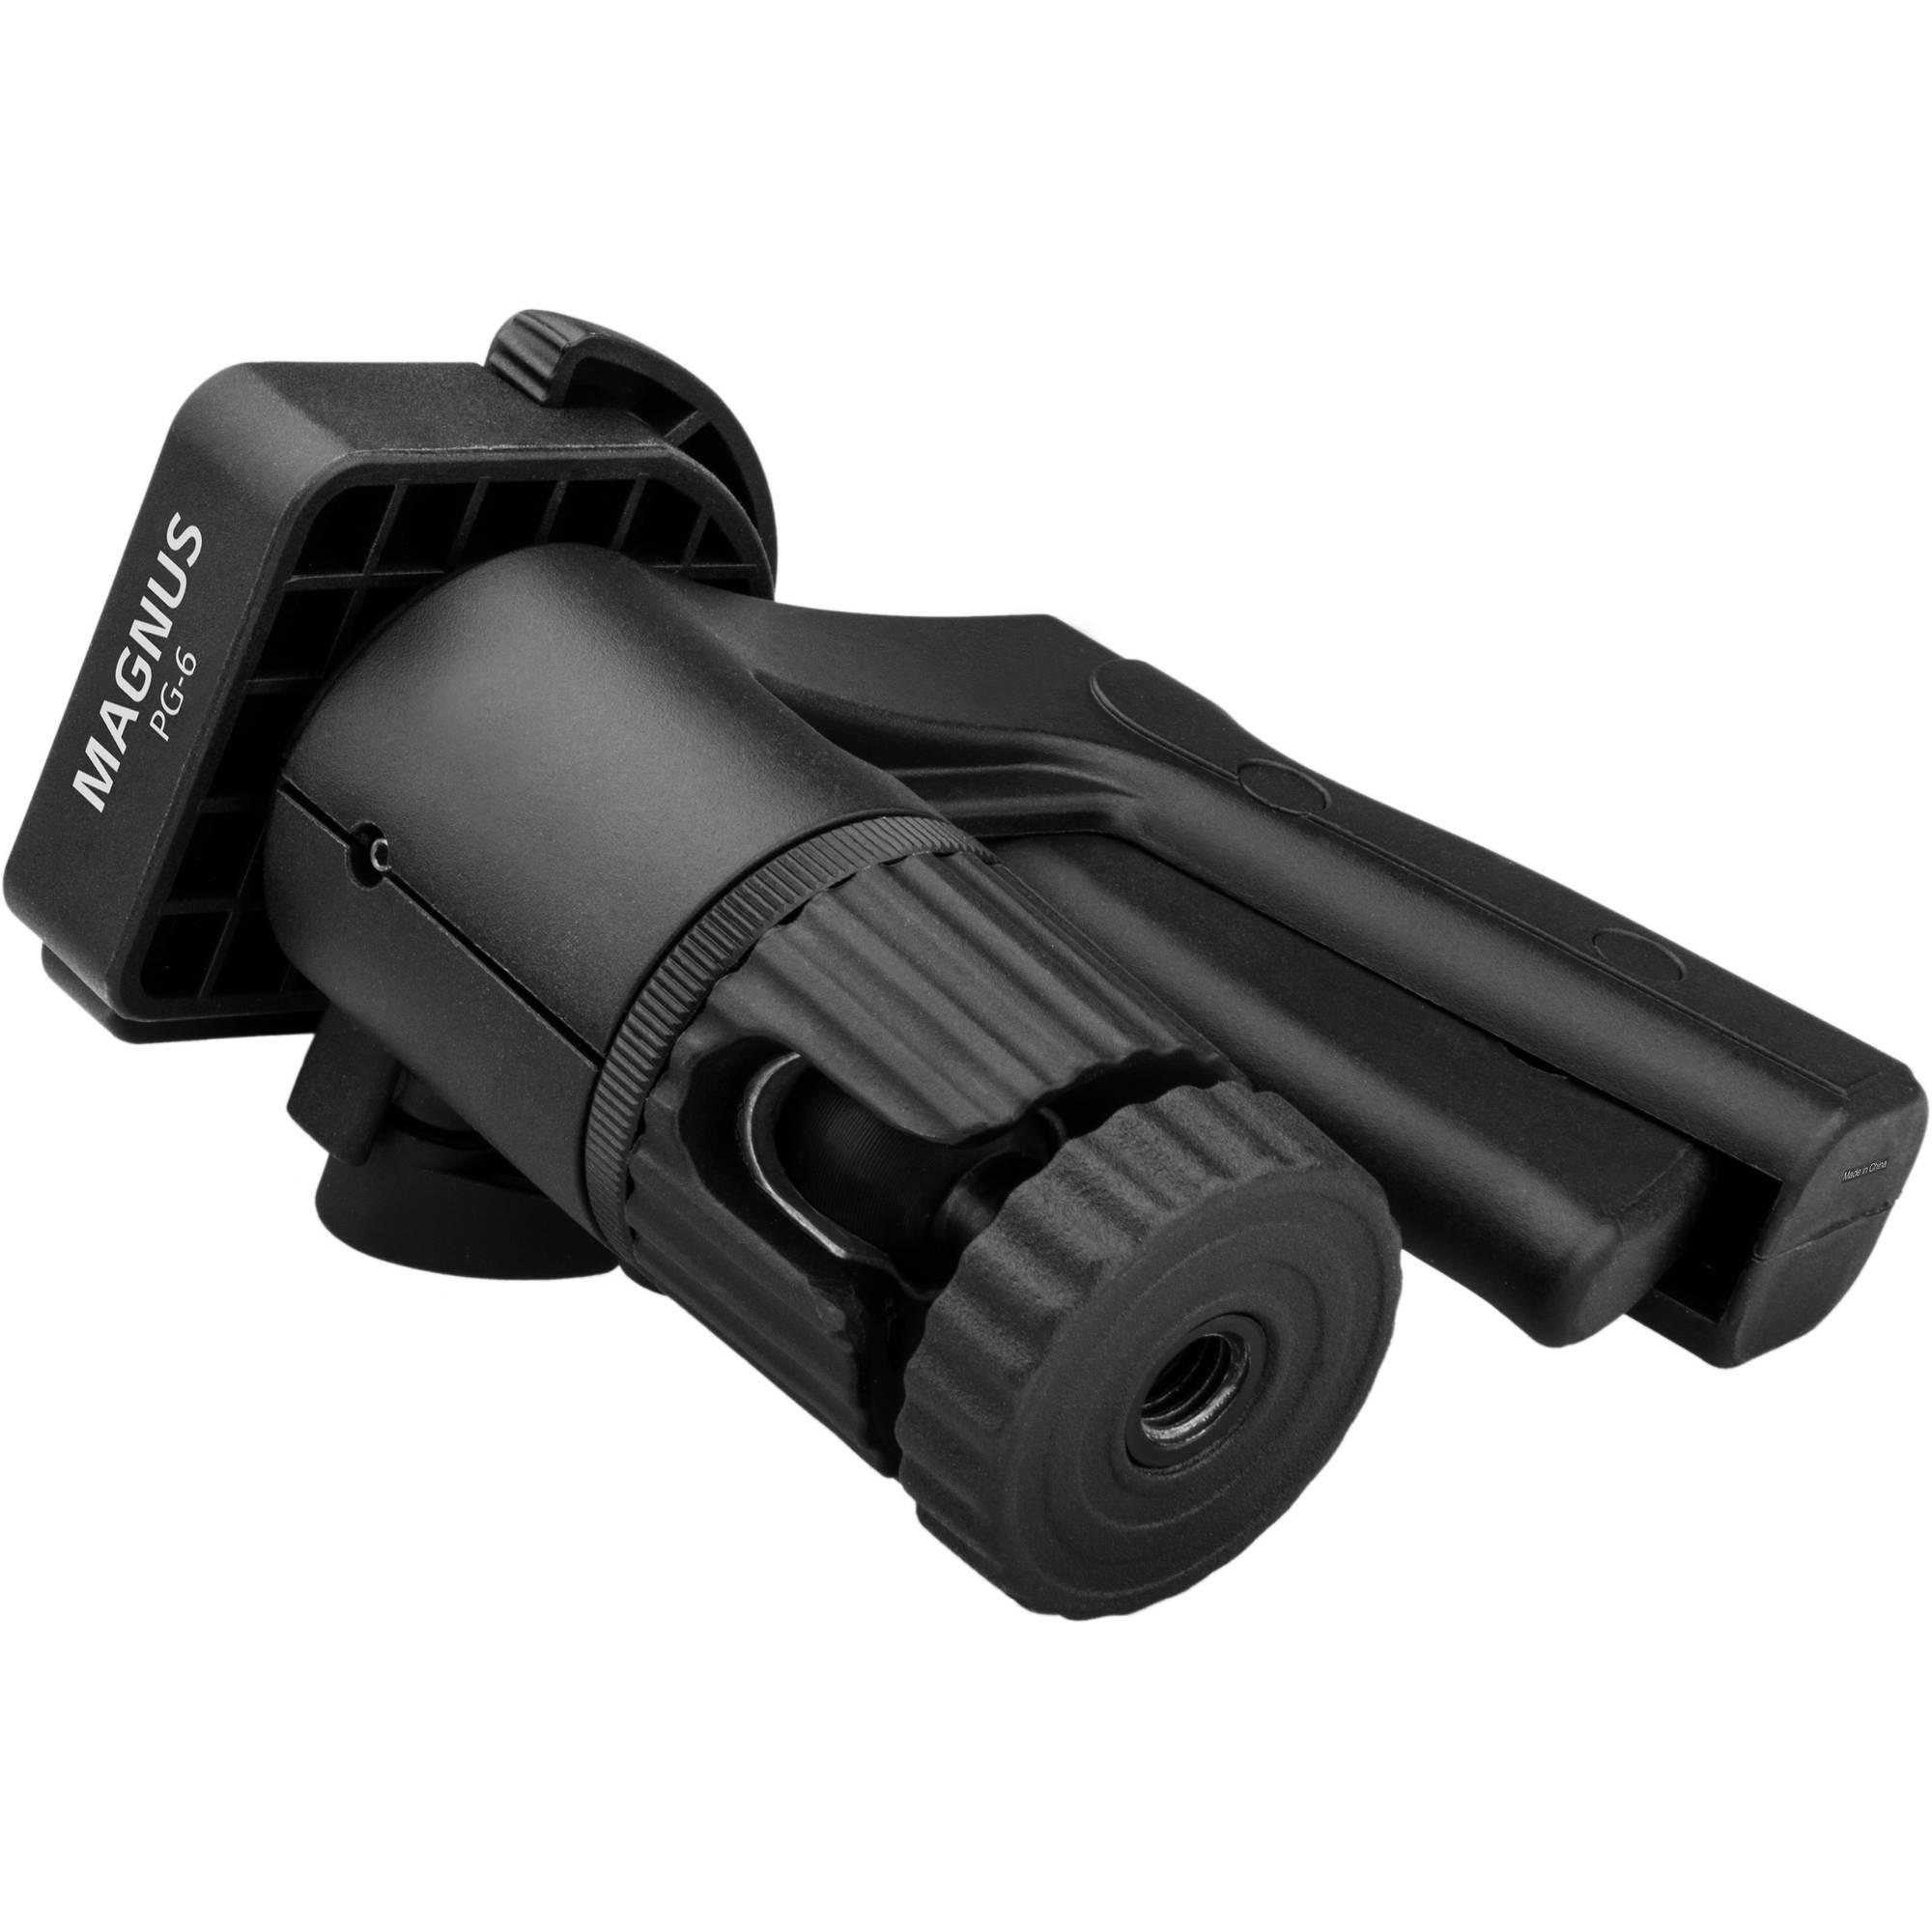 Magnus PG-6 Pistol Grip Ball Head Camera Mount